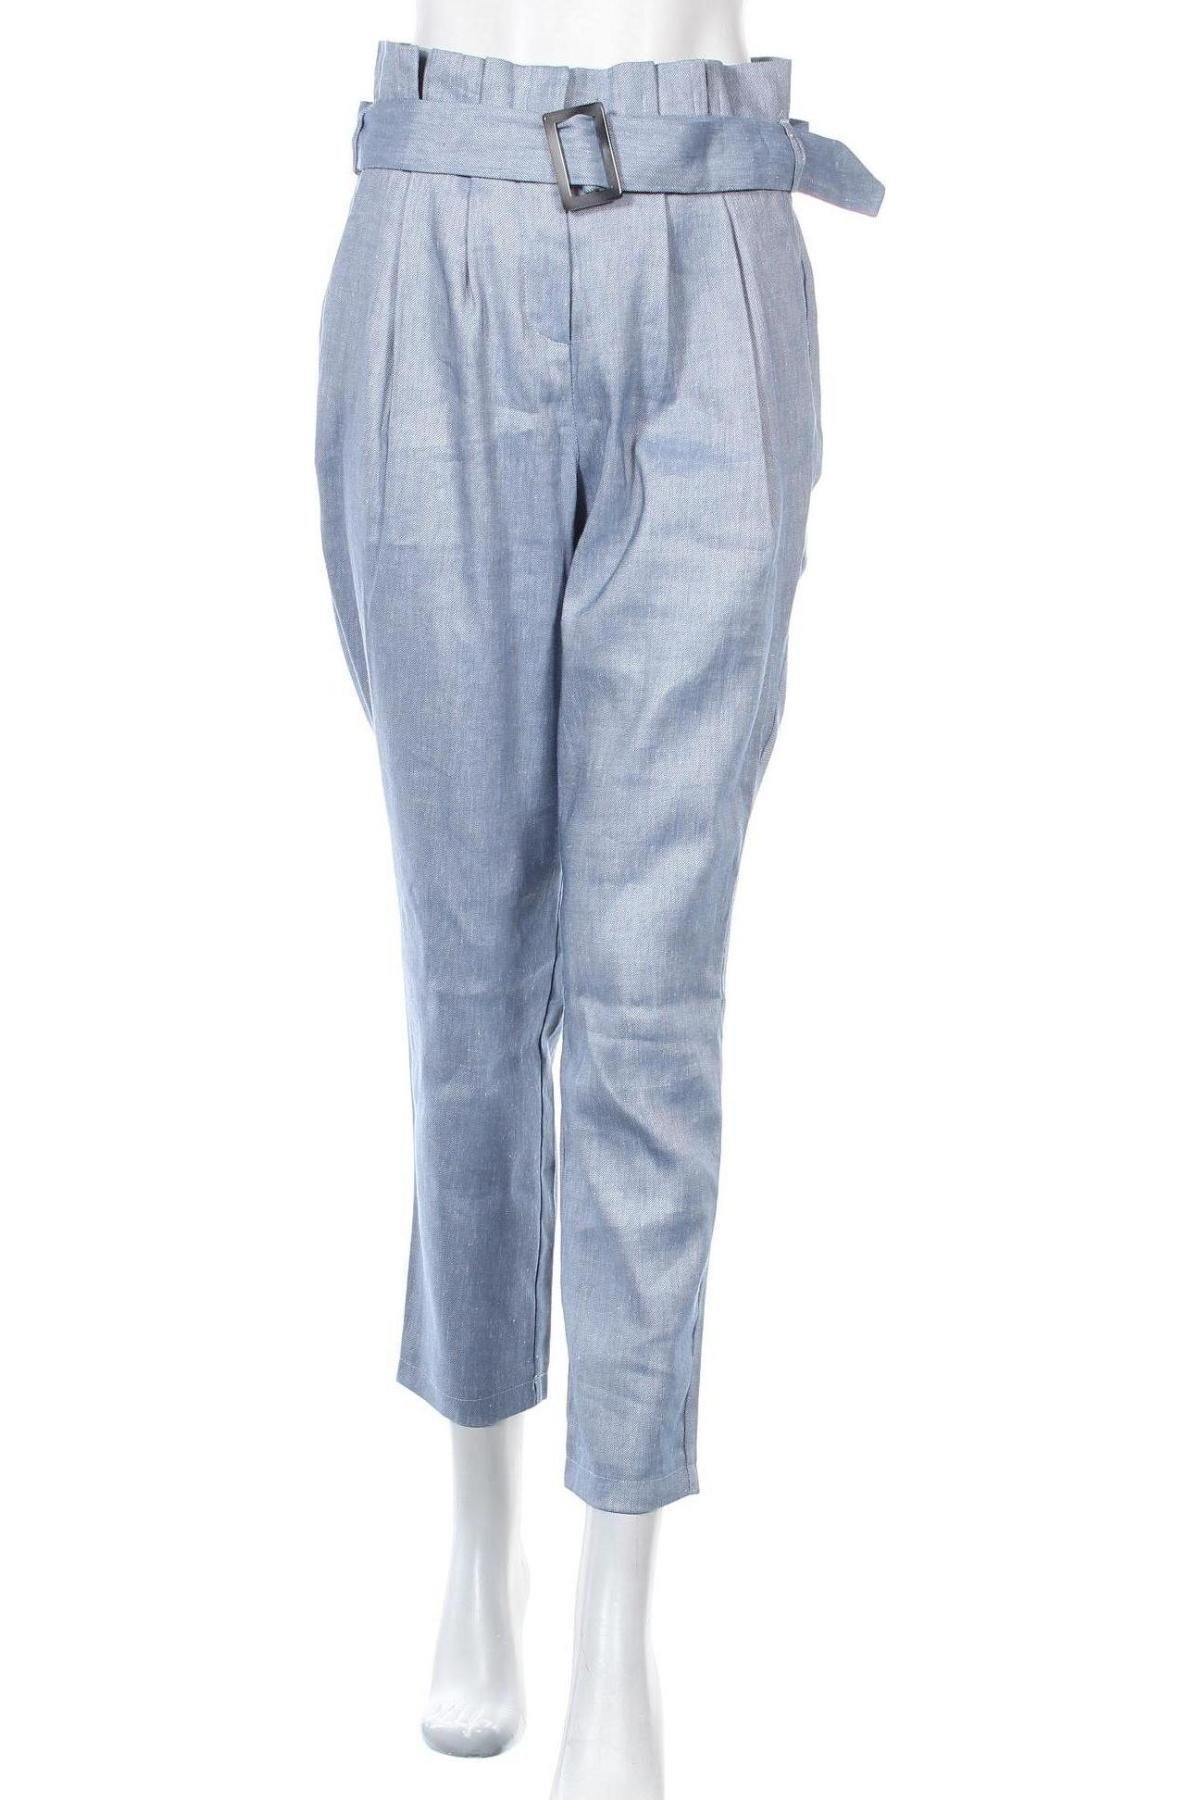 Дамски панталон Sienna, Размер S, Цвят Син, 53% лен, 30% полиестер, 15% вискоза, 2% еластан, Цена 27,36лв.